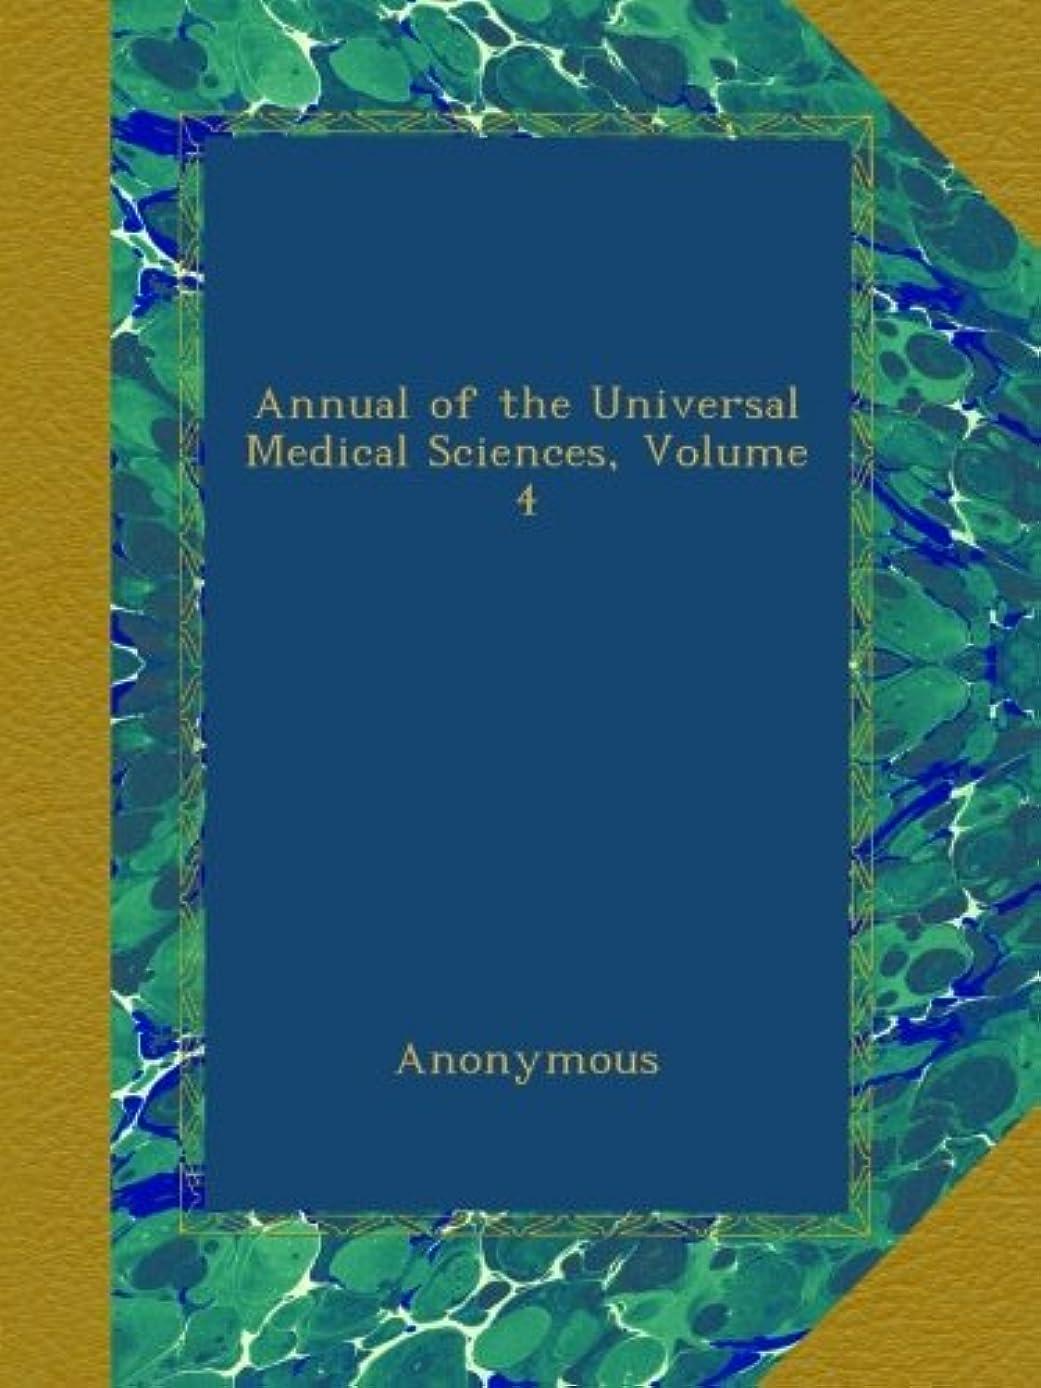 ダイバーインチ競合他社選手Annual of the Universal Medical Sciences, Volume 4